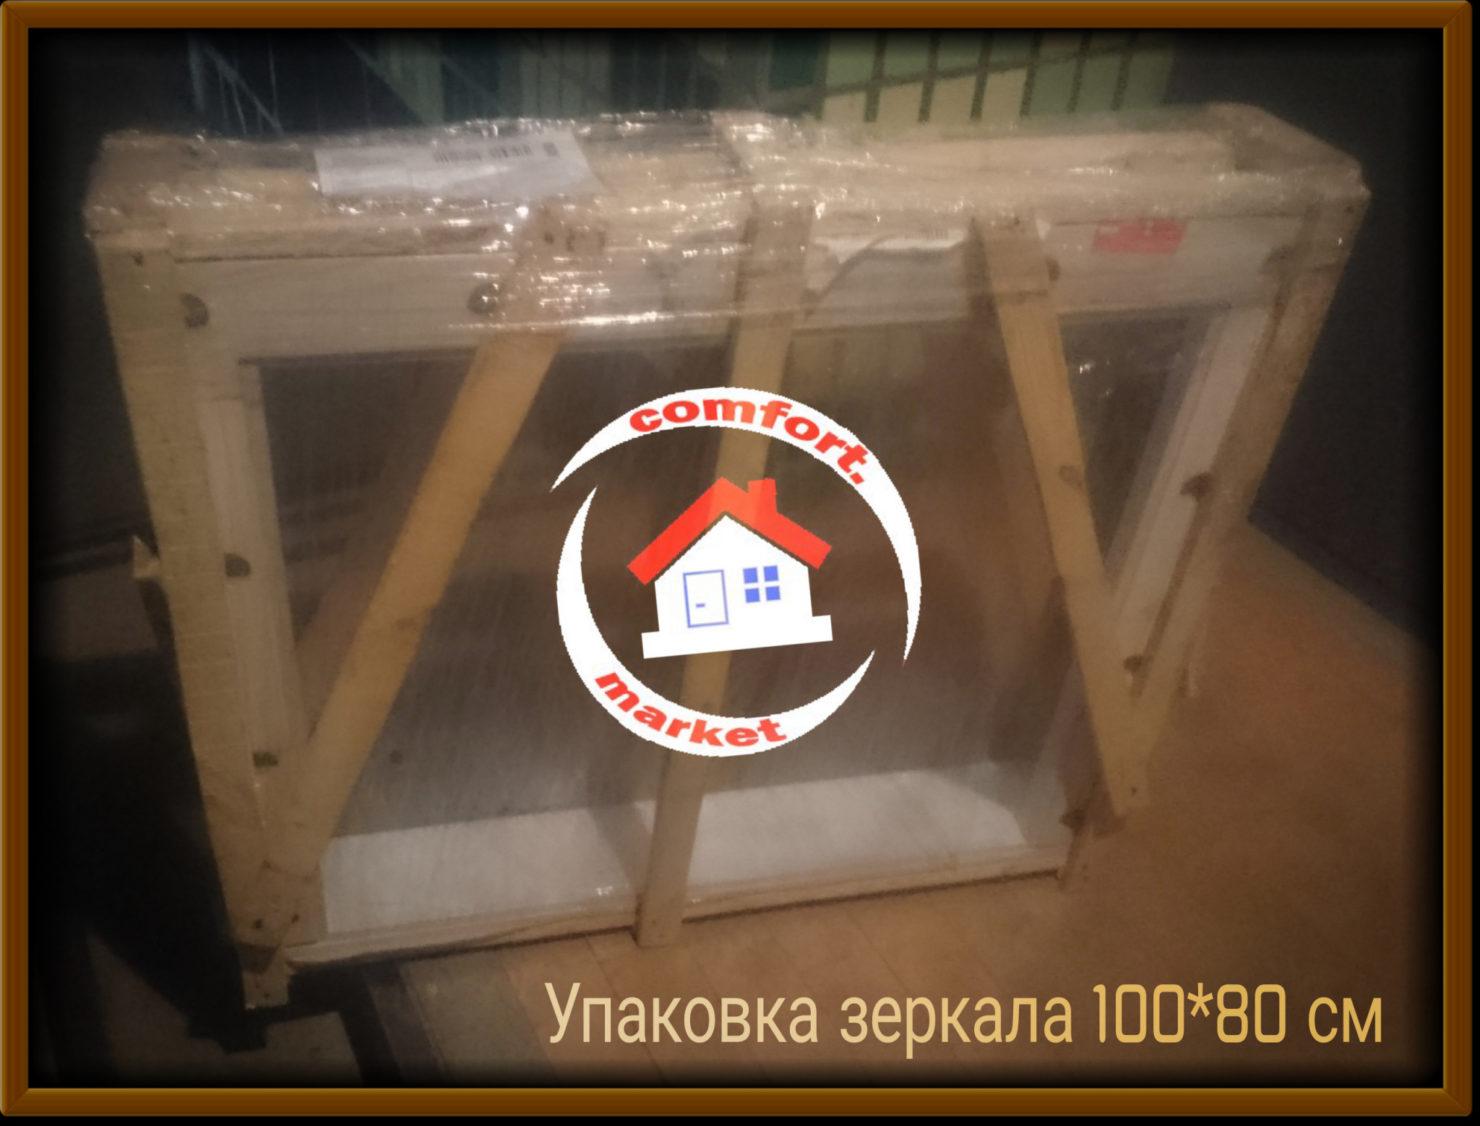 Упаковка деревянной рамы зеркала с подсветкой лампочками 100*80 см - заказ на Новой почте.